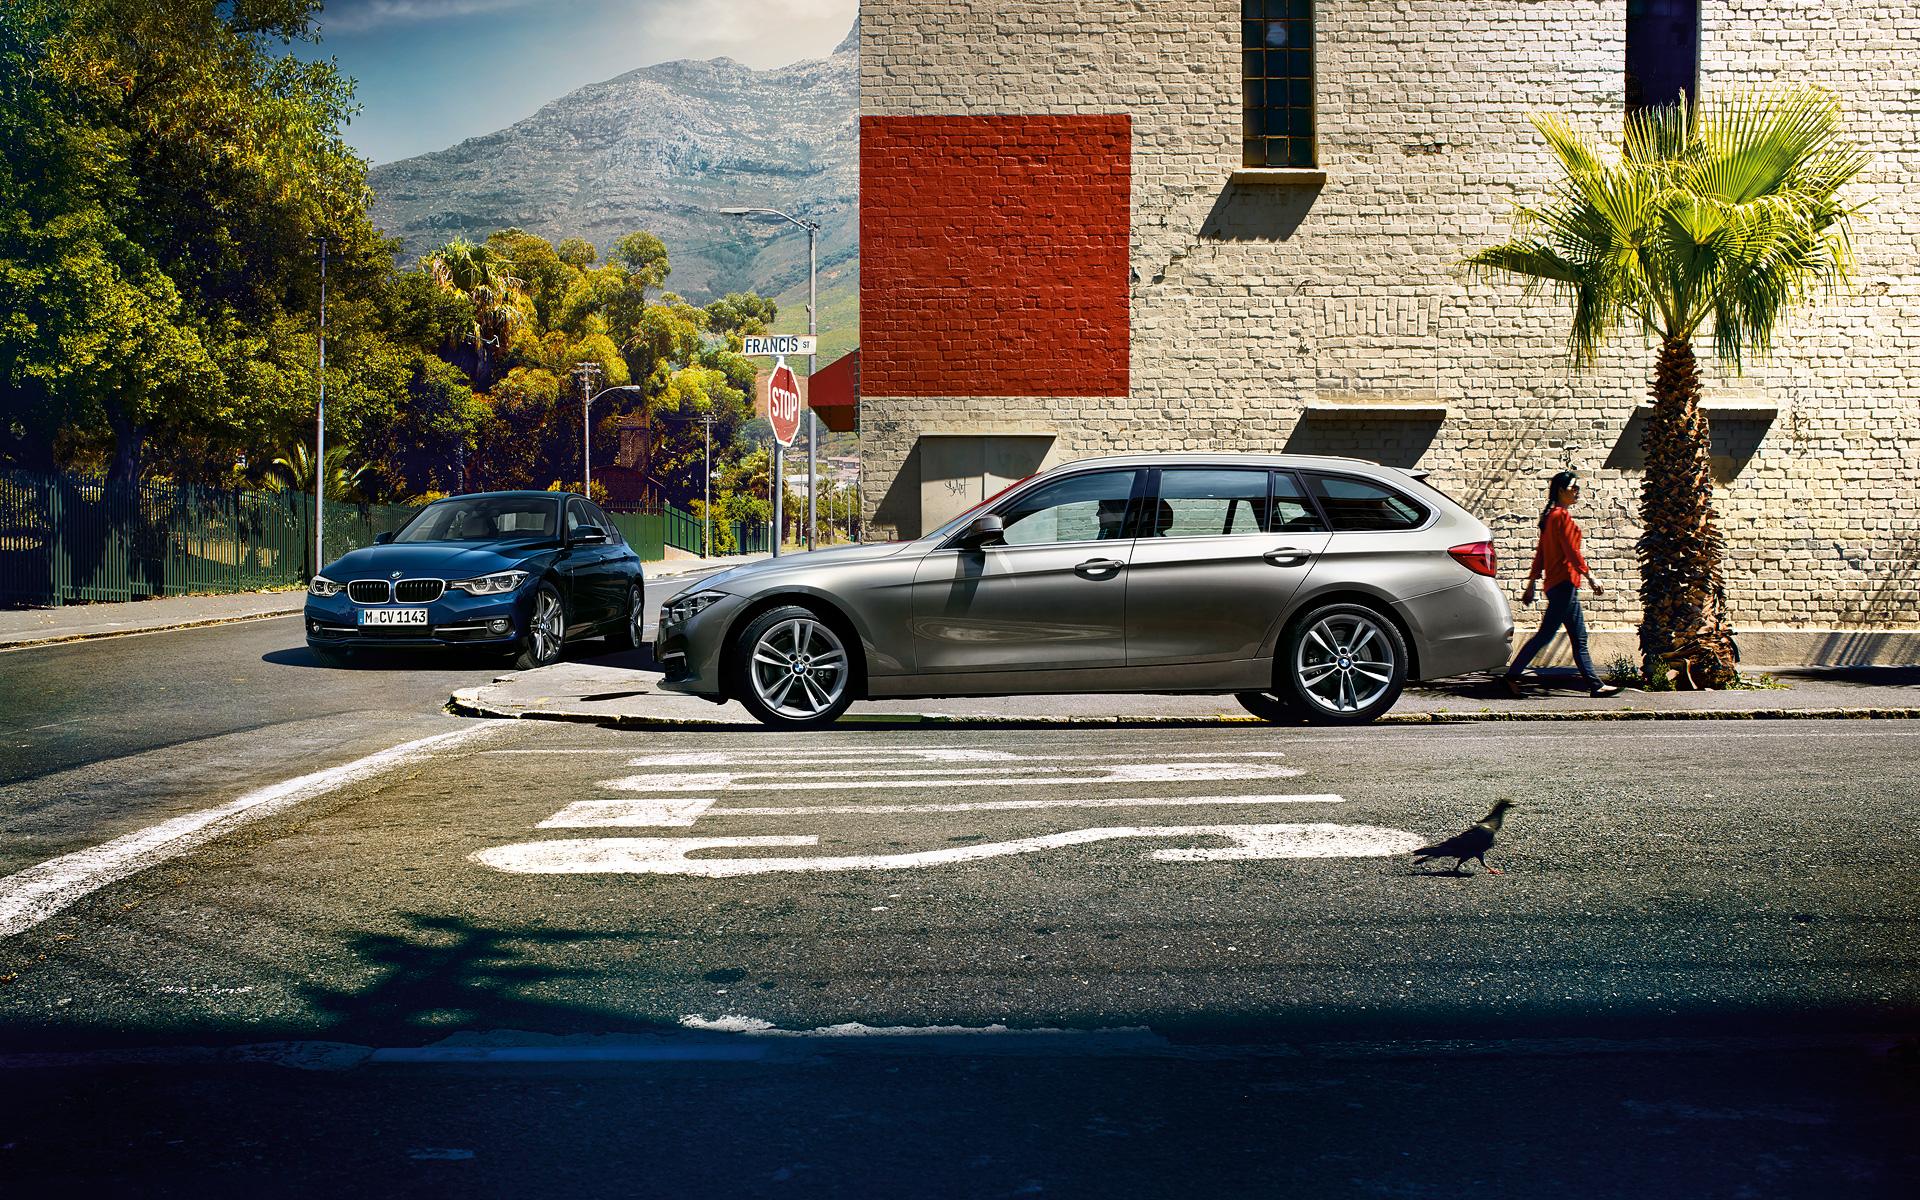 3-series-sedan-wallpaper-1920x1200-13.jpg.resource.1428663580746.jpg